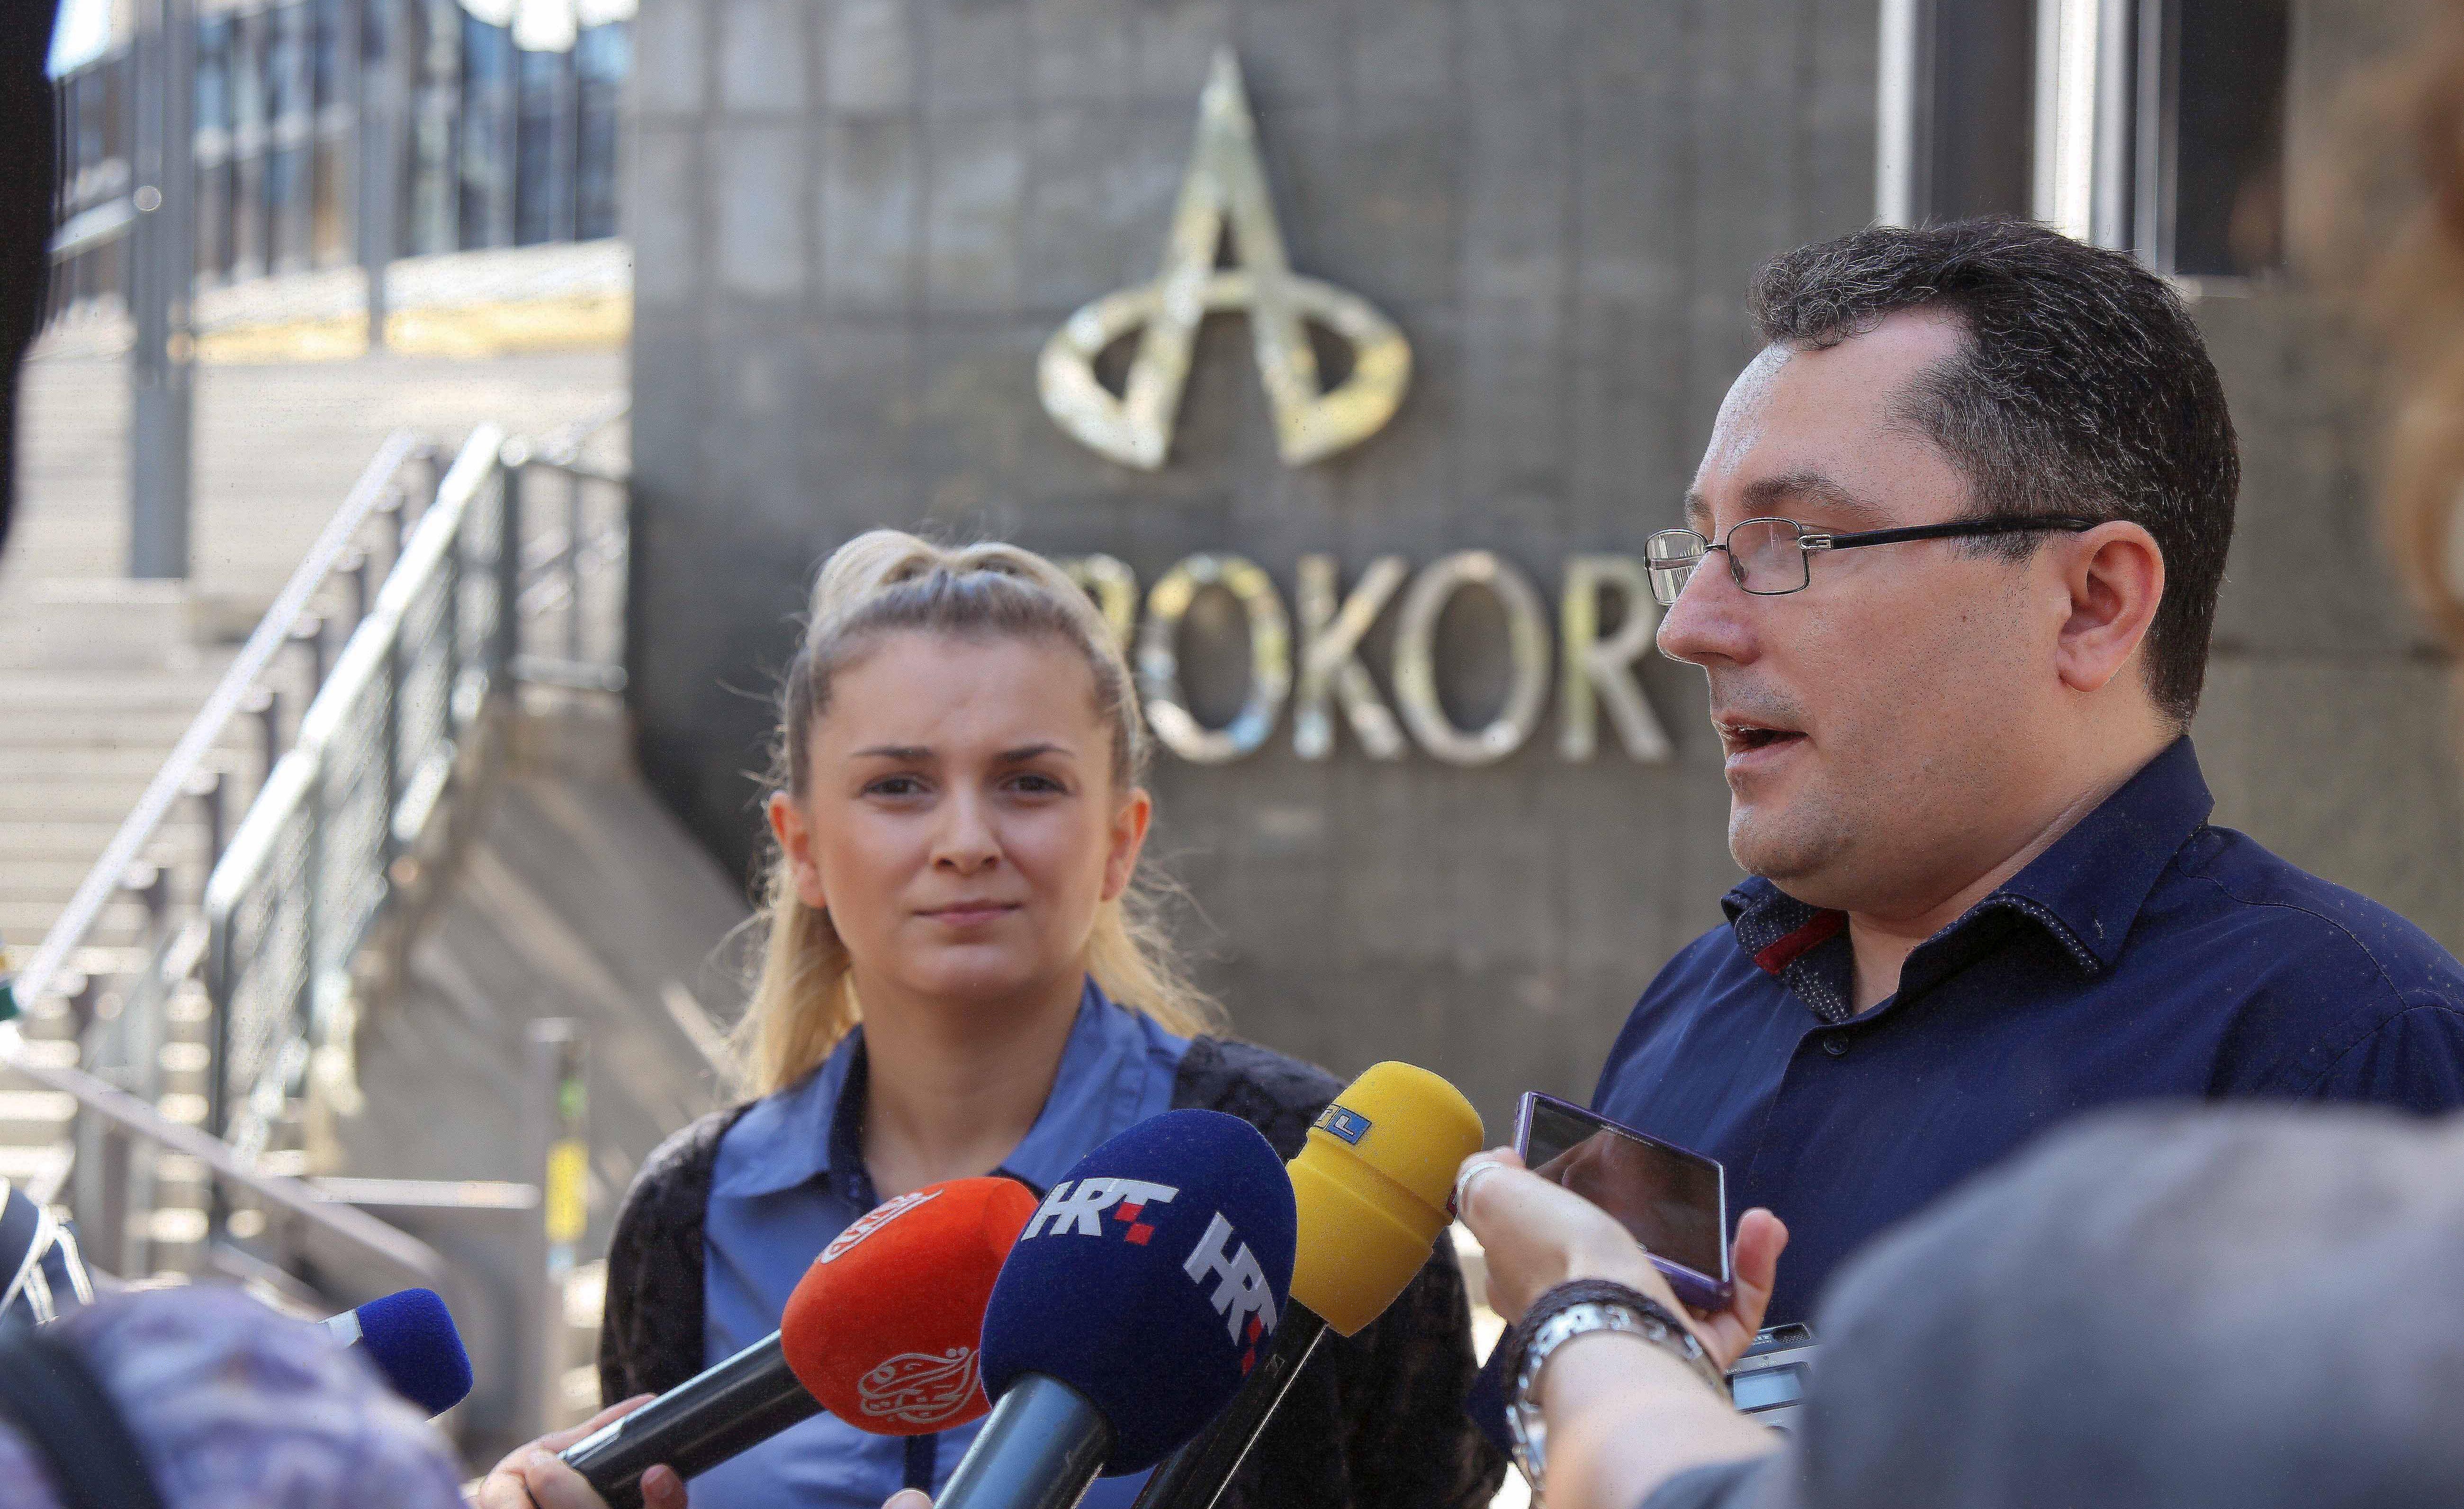 H.U.P. Ramljakov poziv smatra nezakonitim